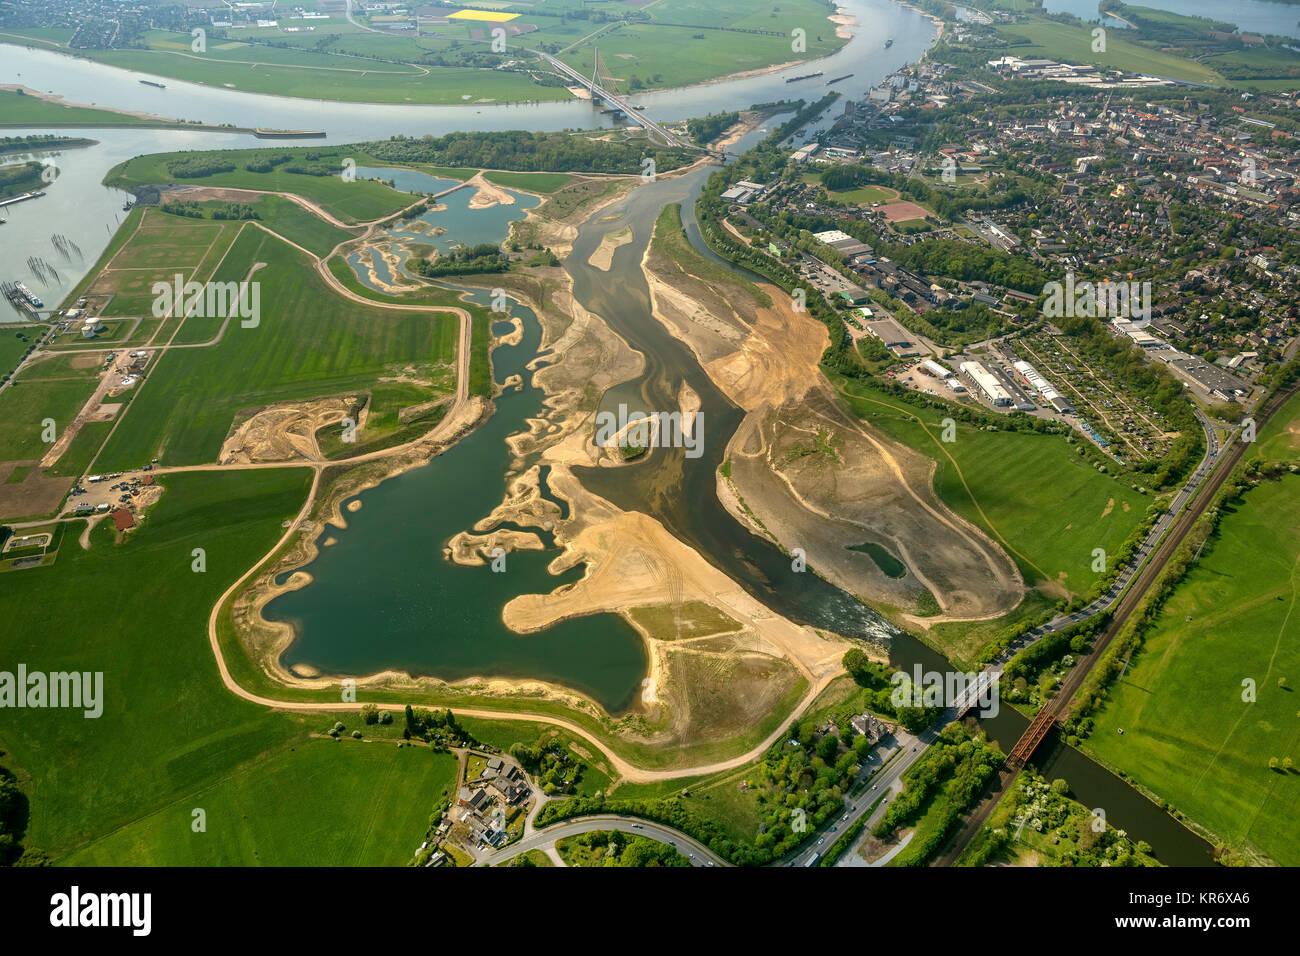 Umbau der Lippemündung durch den Lippeverband,  Rheinhafen Wesel, Sandbänke, Sandbank, Renaturierung, - Stock Image